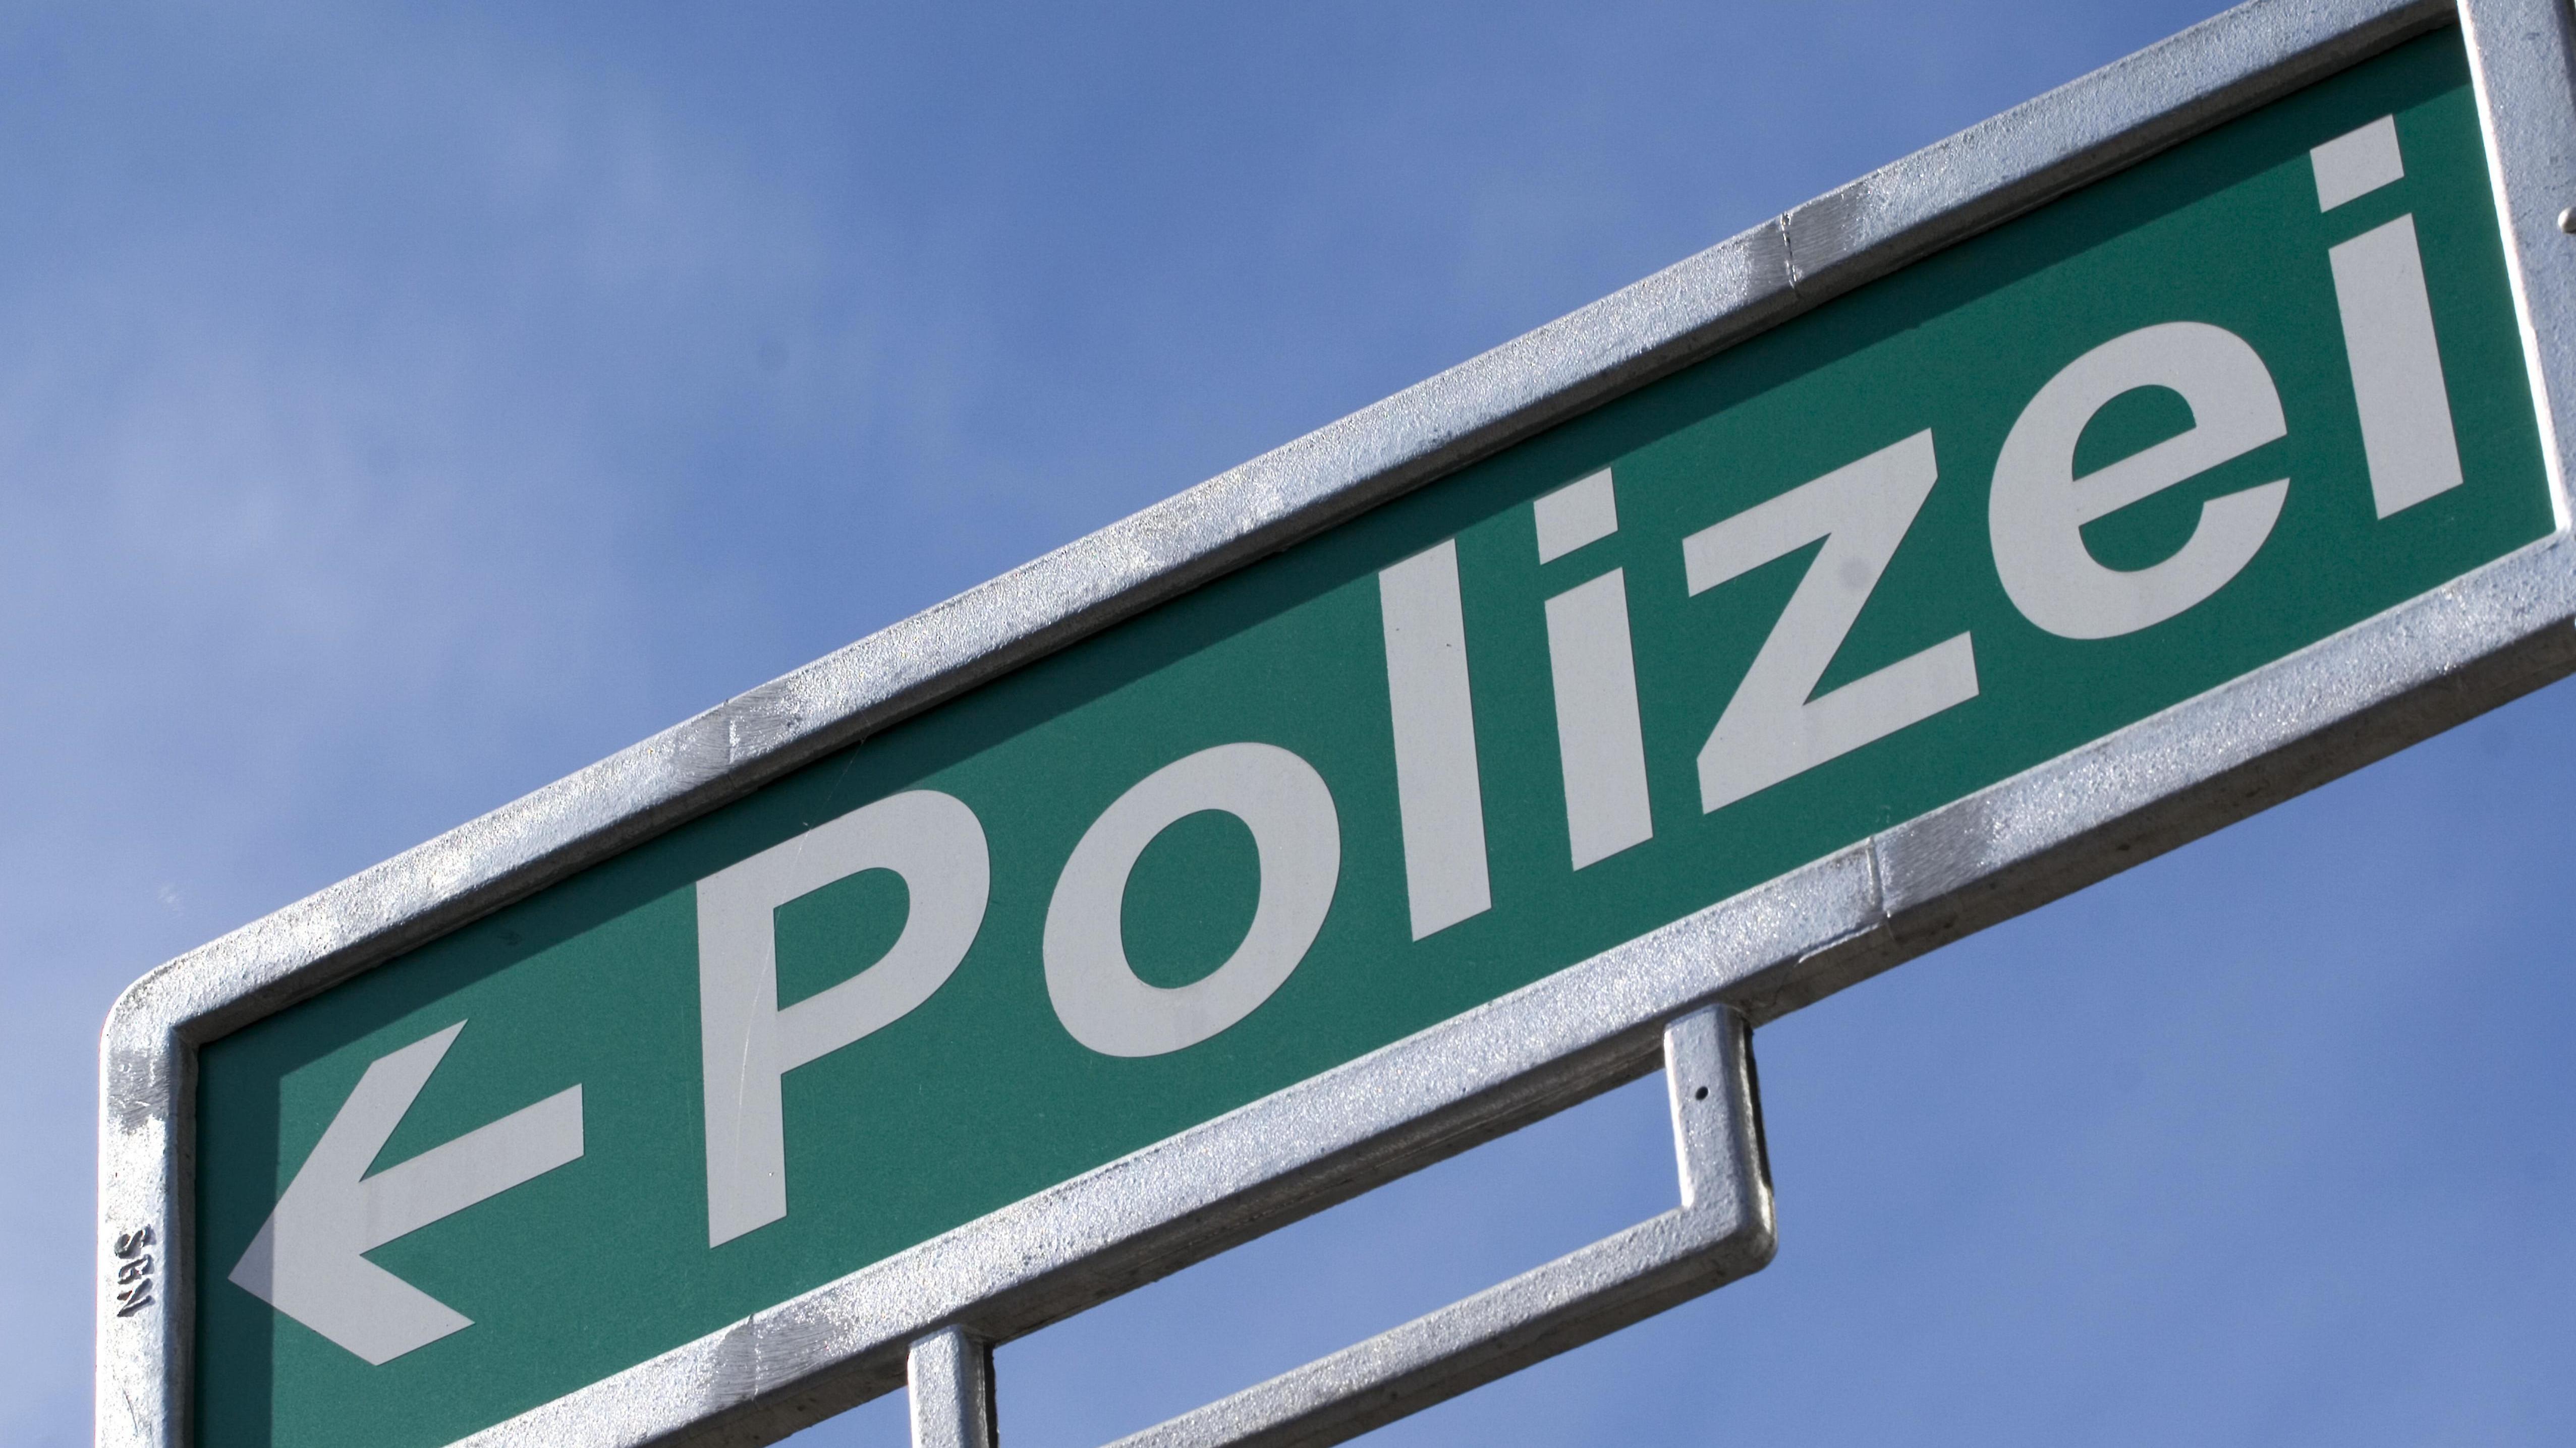 Symbolbild: Polizeischild